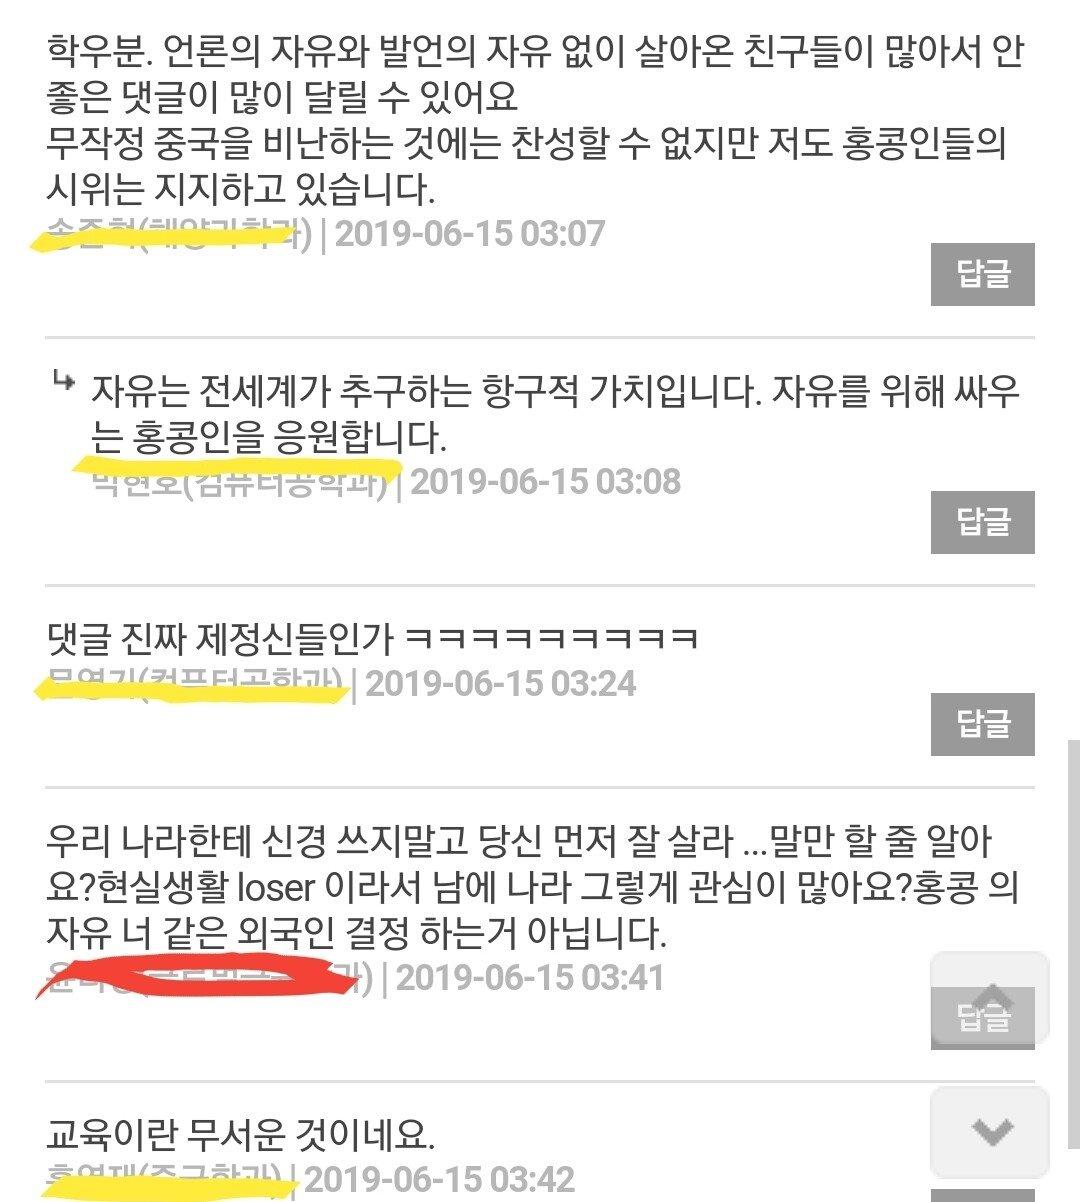 Screenshot_20190615-034806.jpg +추가))우리 학교 중국인이랑 한국인 싸움났다